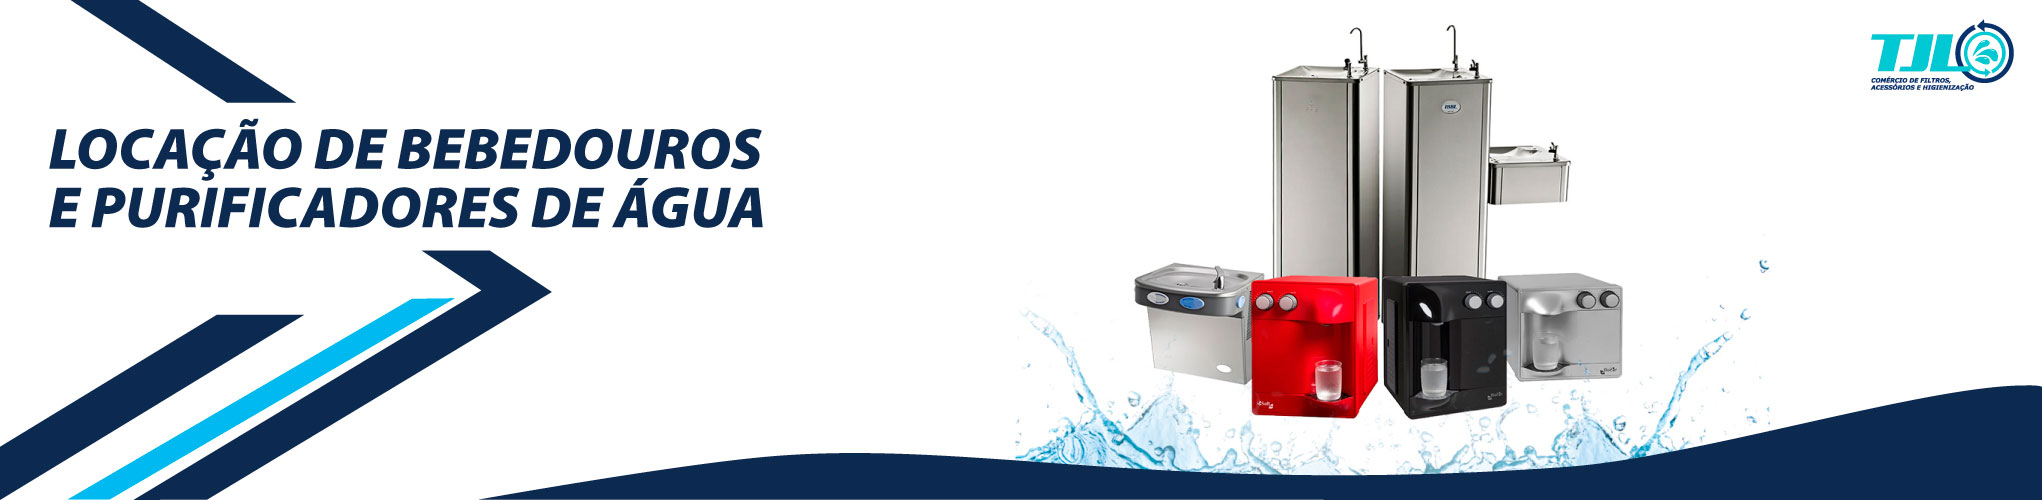 Locação de bebedouros e purificadores de água